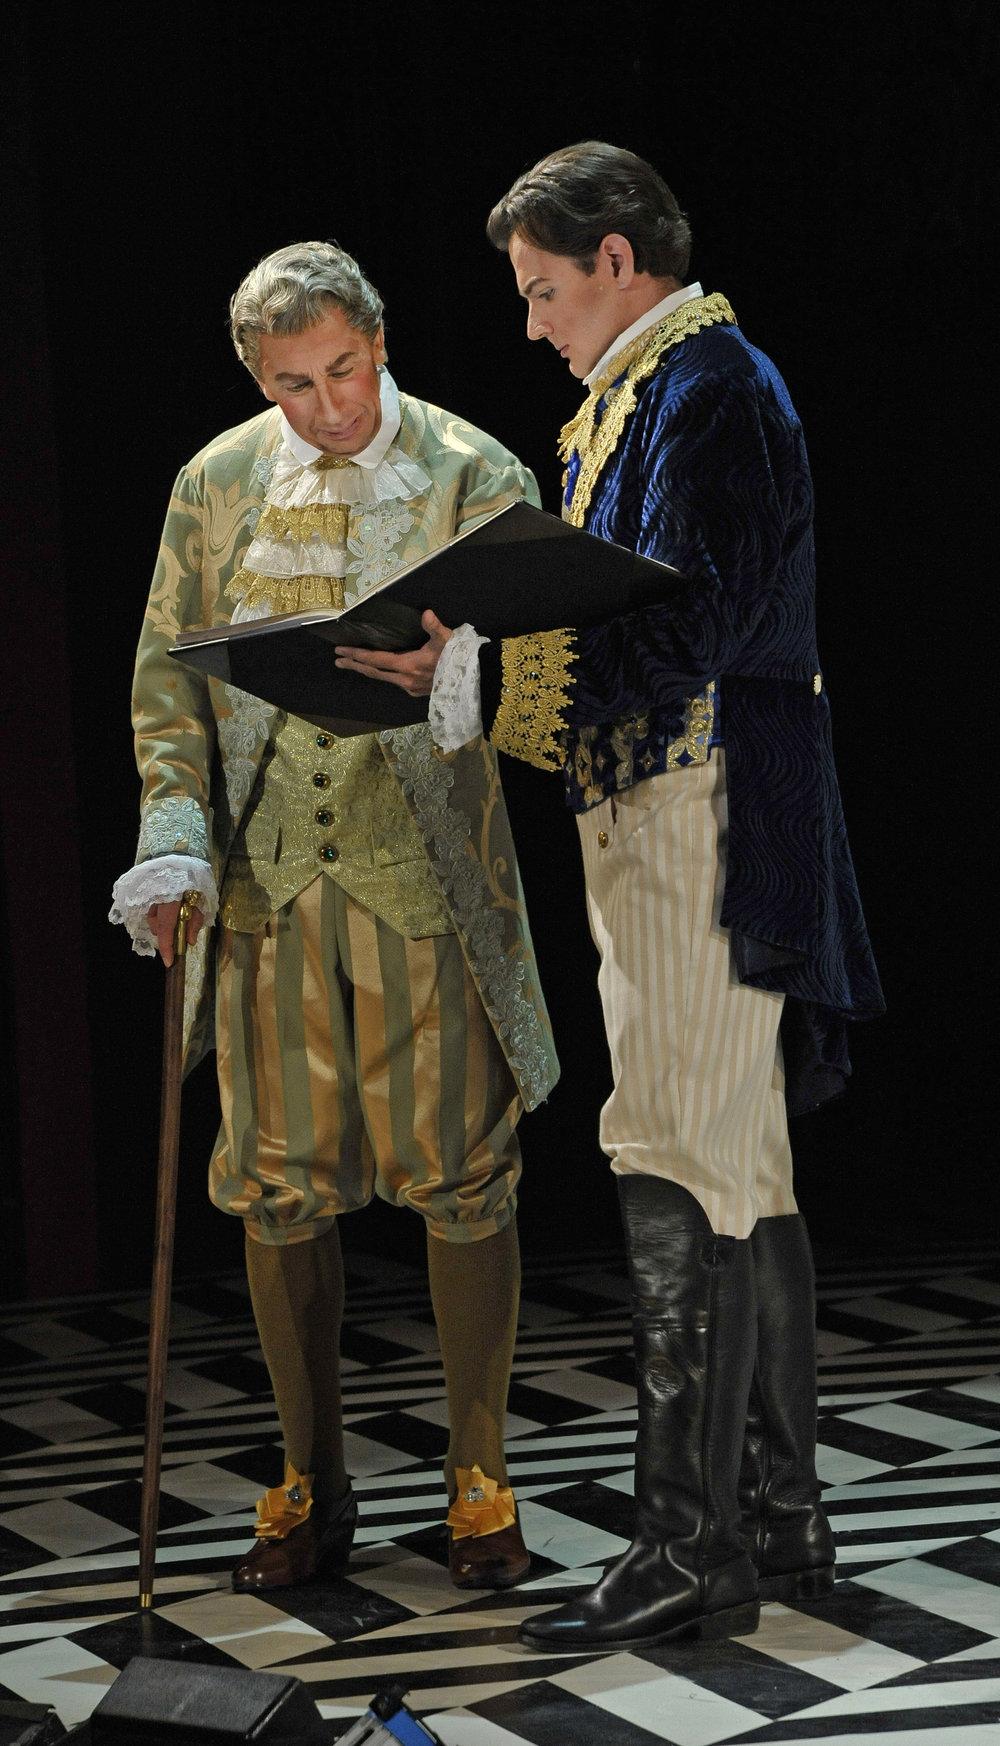 Opera_Saratoga_GG27802.jpg